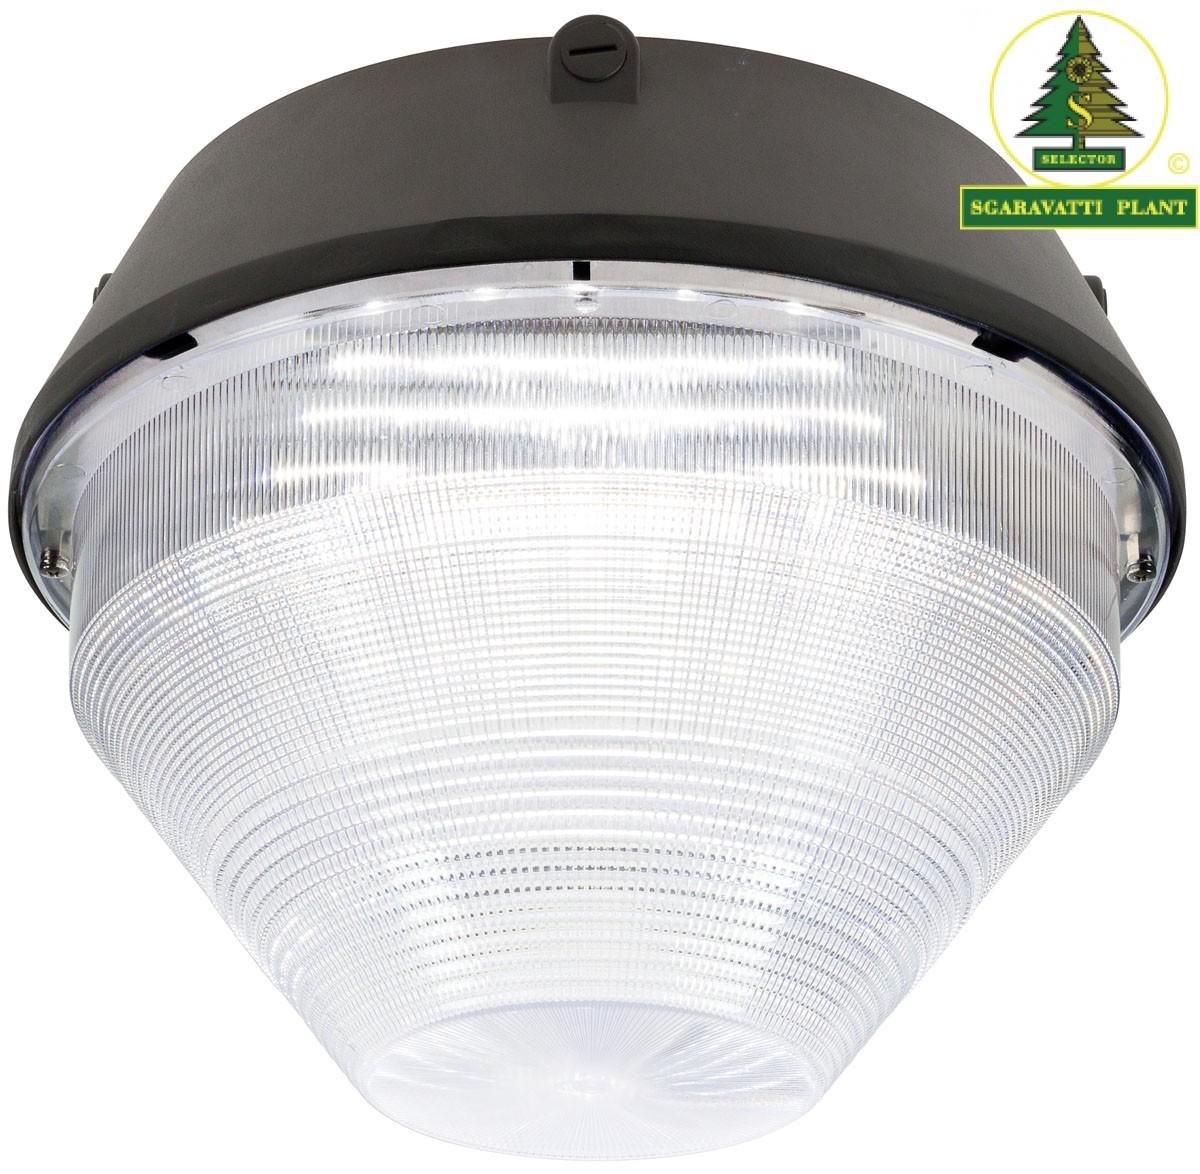 Luci a led illuminazione per interni gong sgaravatti for Illuminazione a led per interni